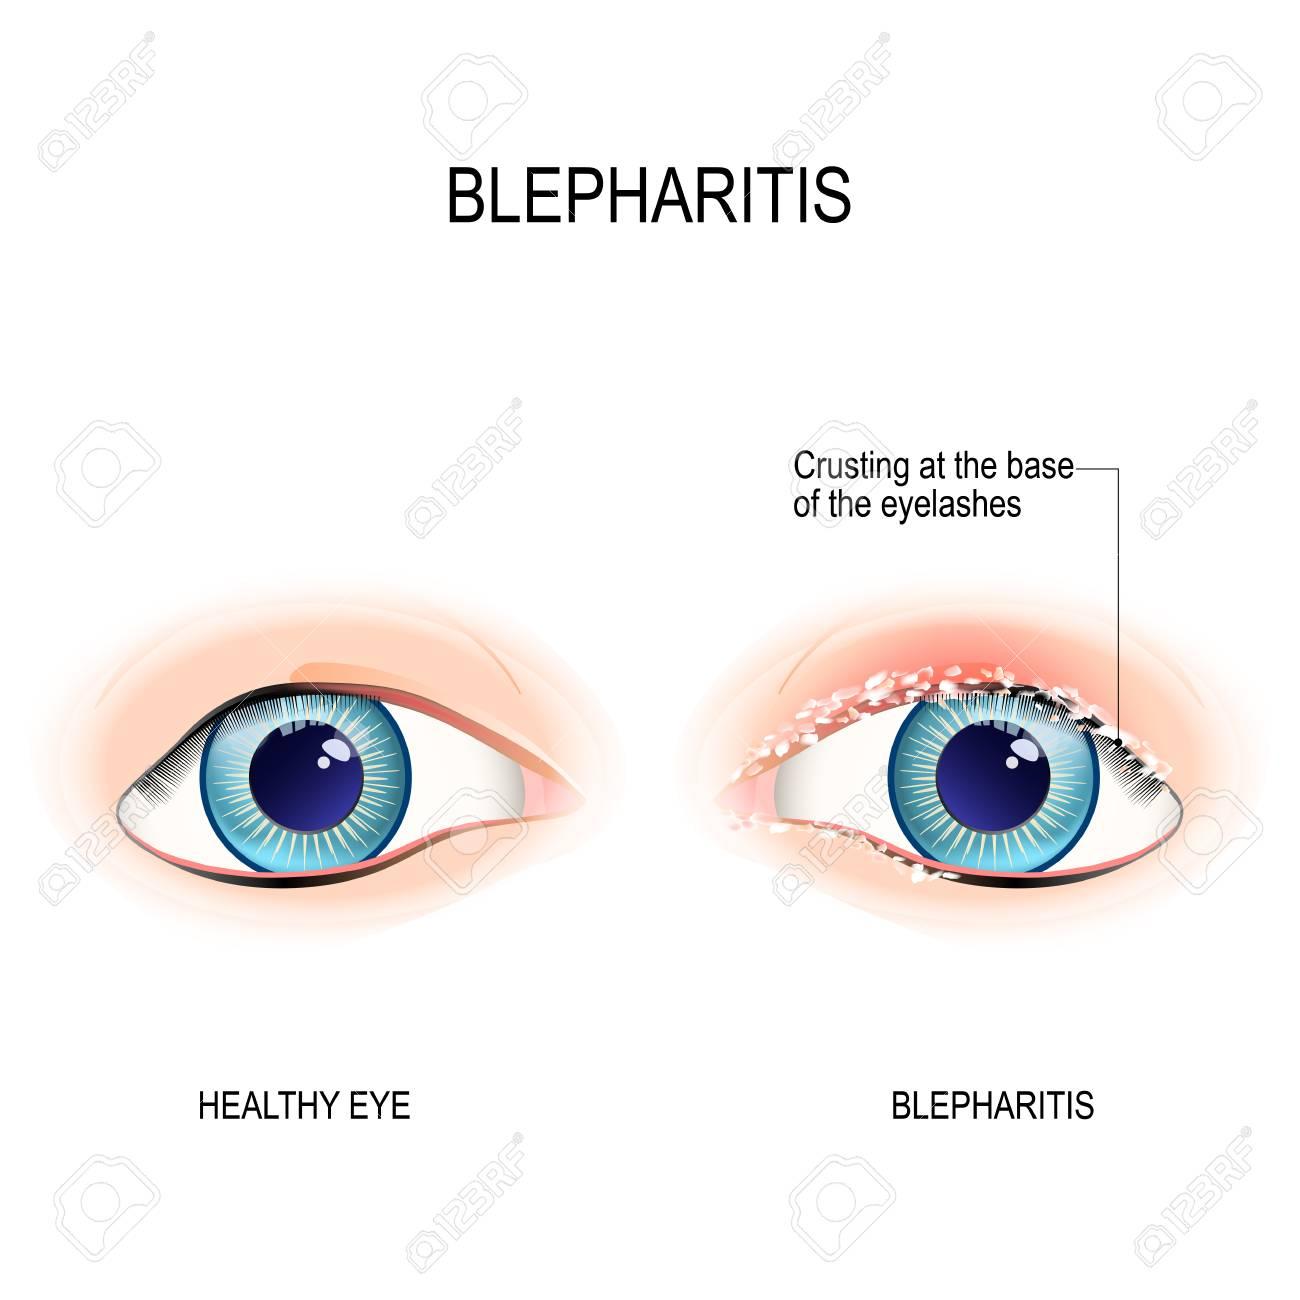 Augen Des Menschen. Blepharitis Ist Eine Entzündung Des Augenlids ...